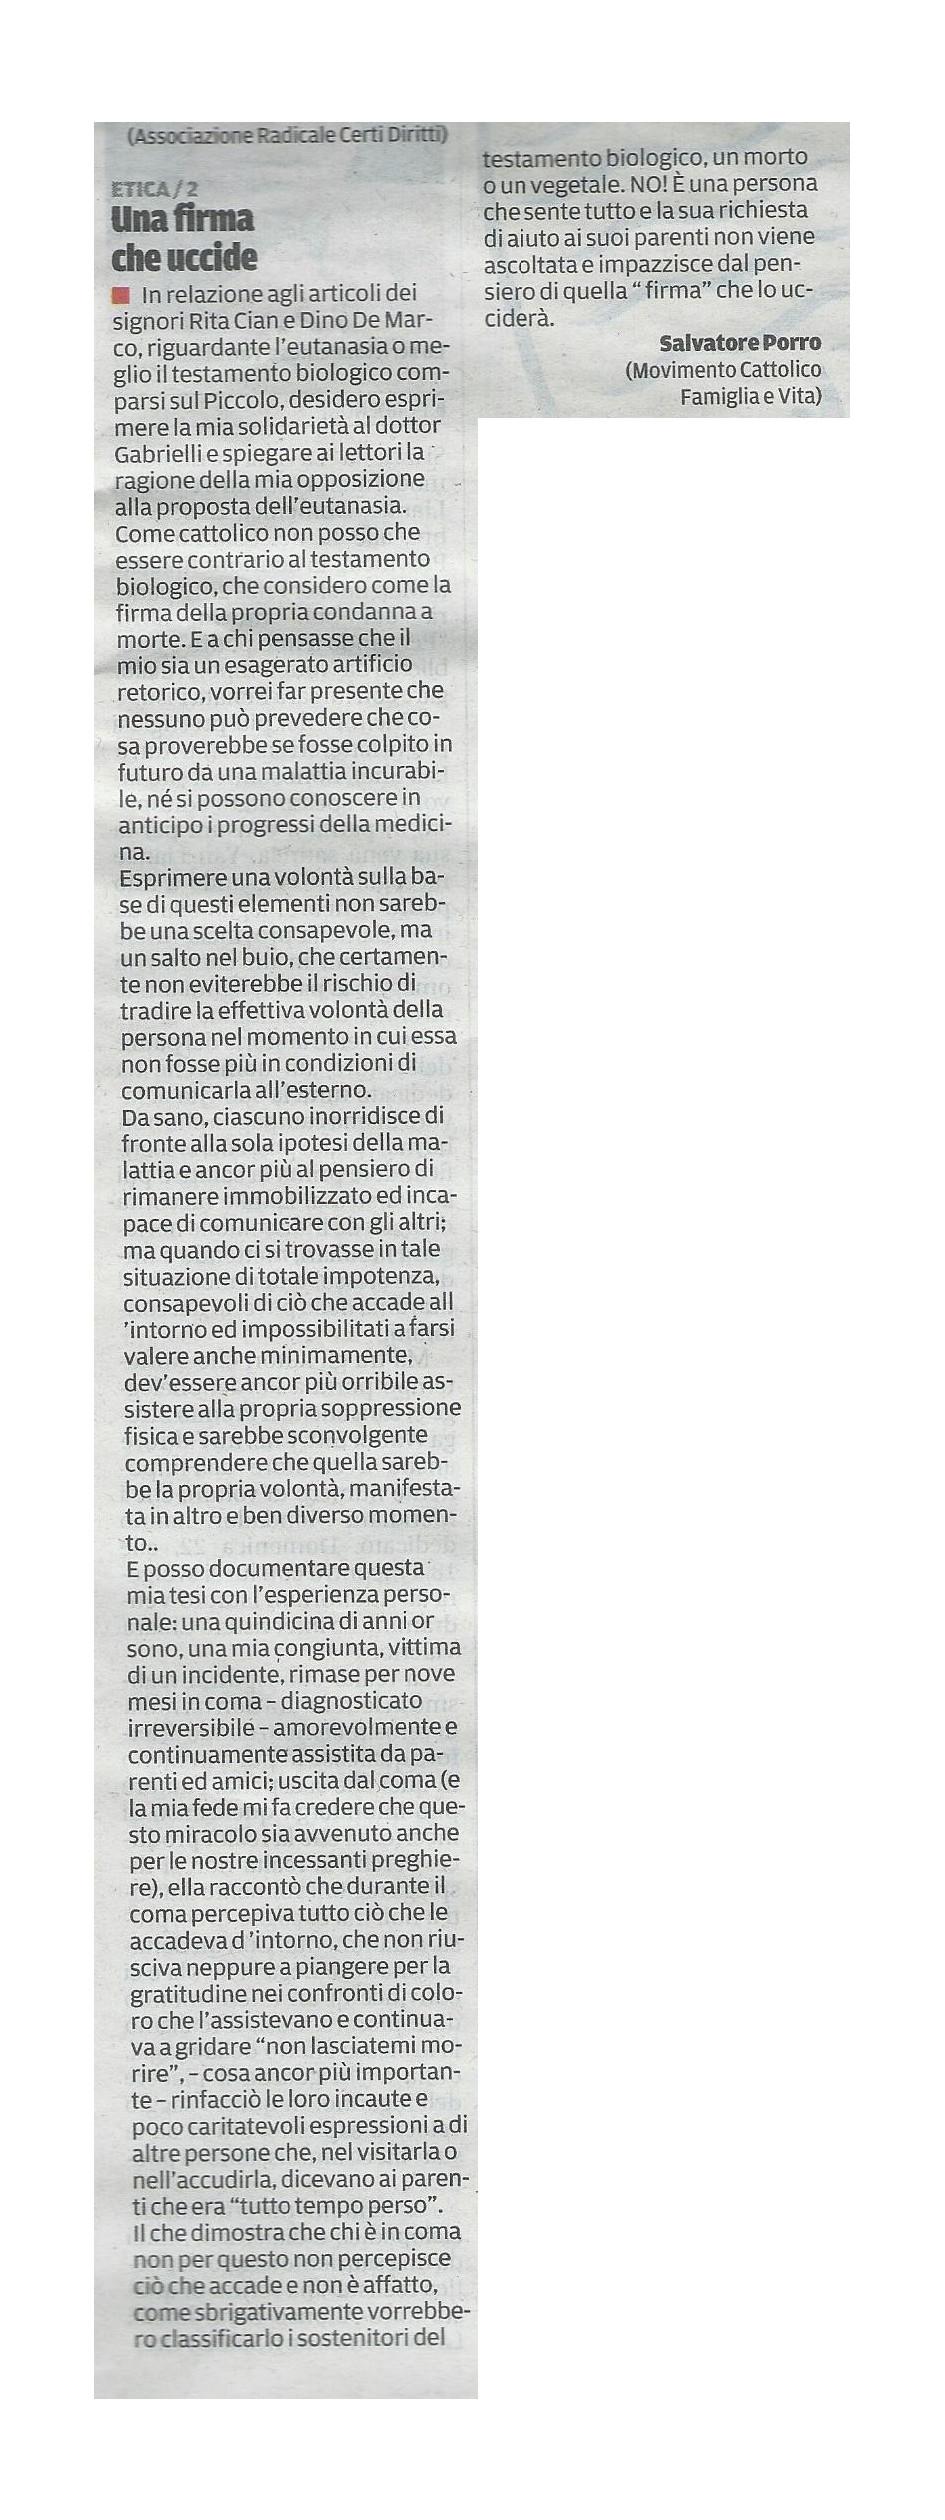 2013-09-12 Il Piccolo pagina 34 Intervento Porro